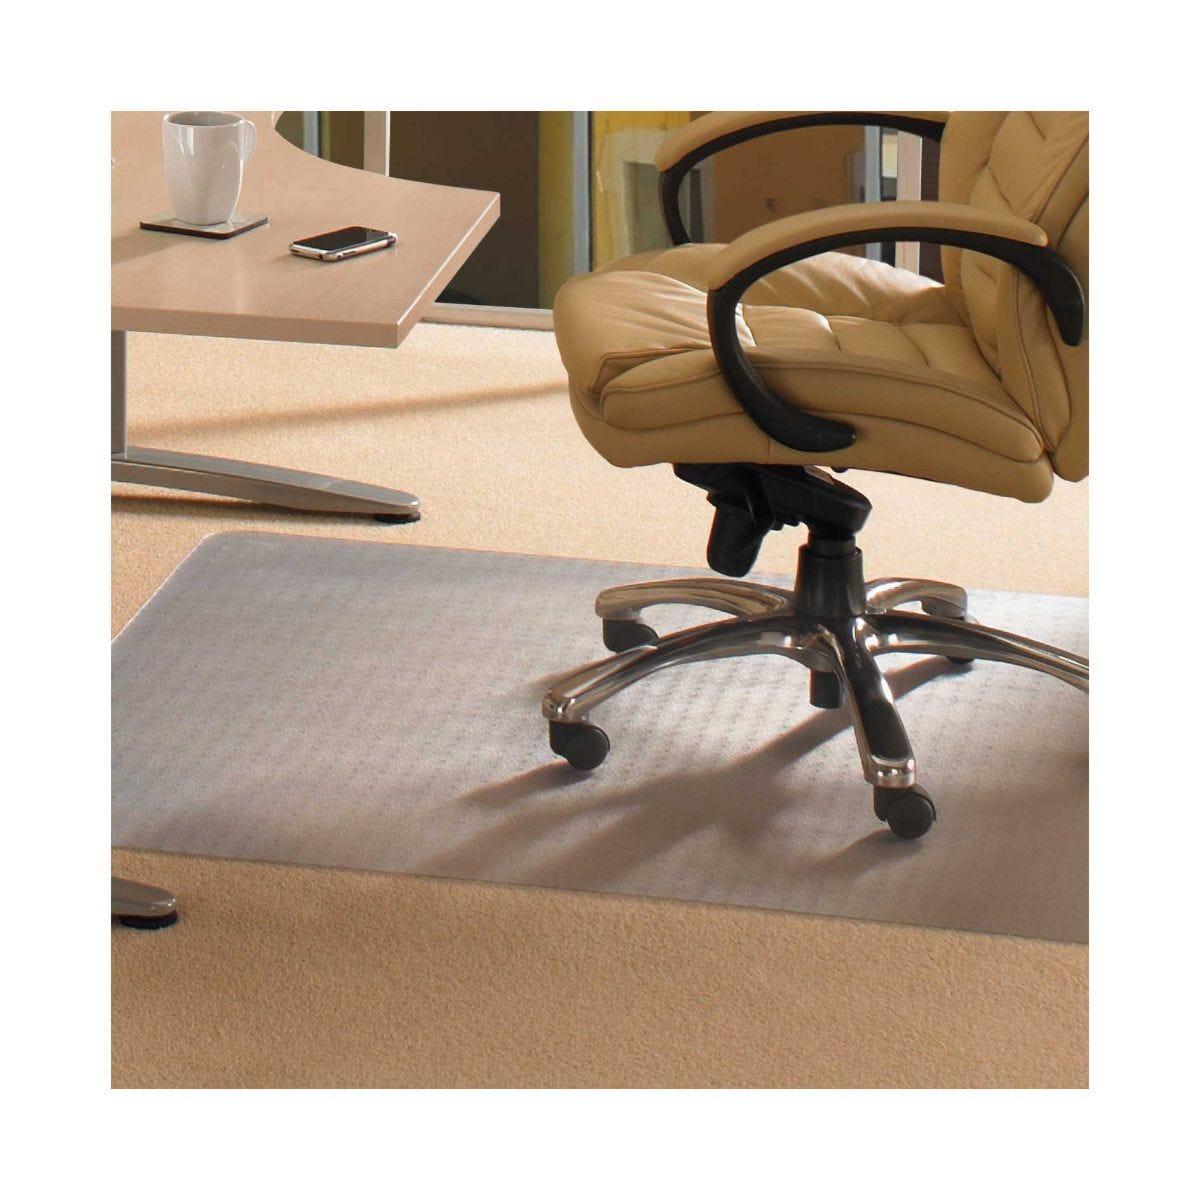 PVC Advantage Carpet Chairmat Rectangular Shape 120cm x 90cm